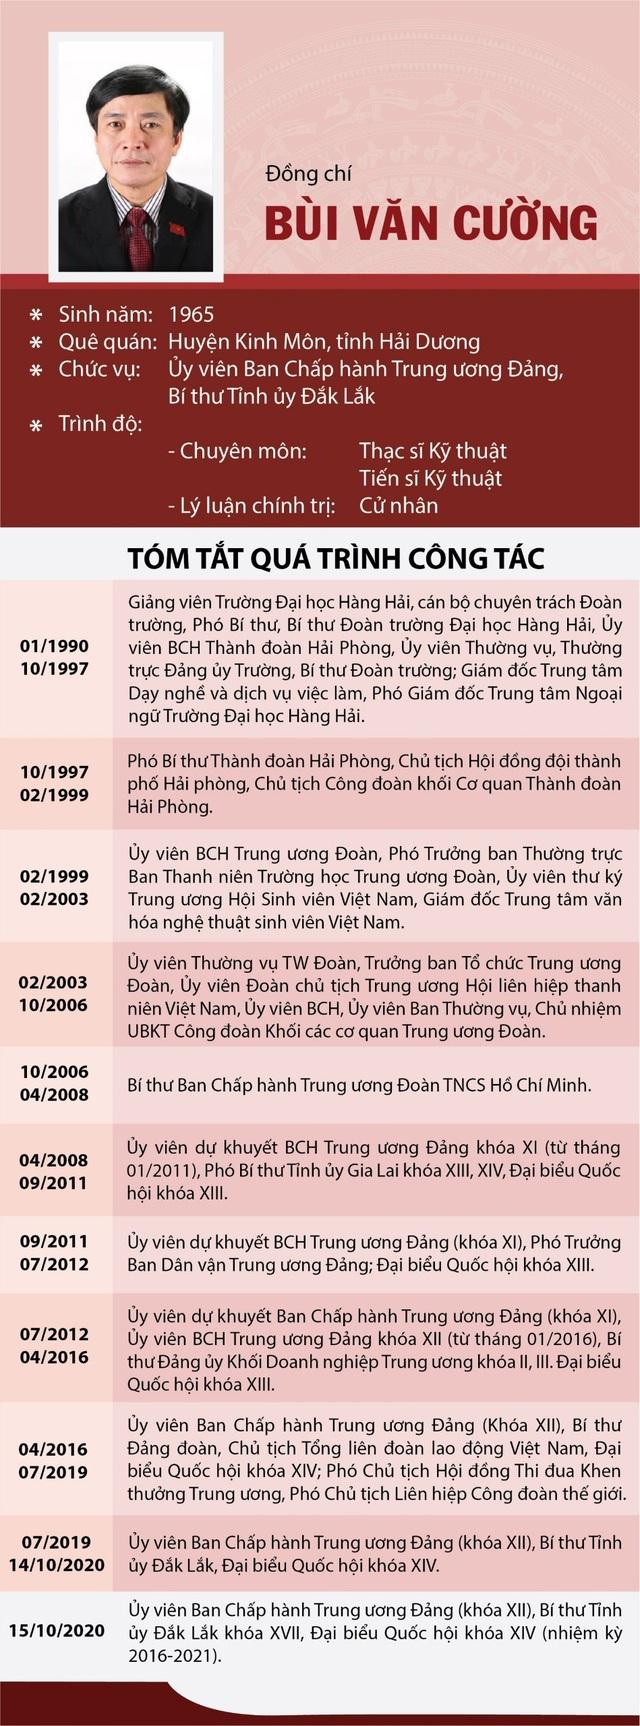 """Bí thư Tỉnh ủy Đắk Lắk: """"Có cả một chiến dịch công kích, chống phá tôi"""" - 4"""